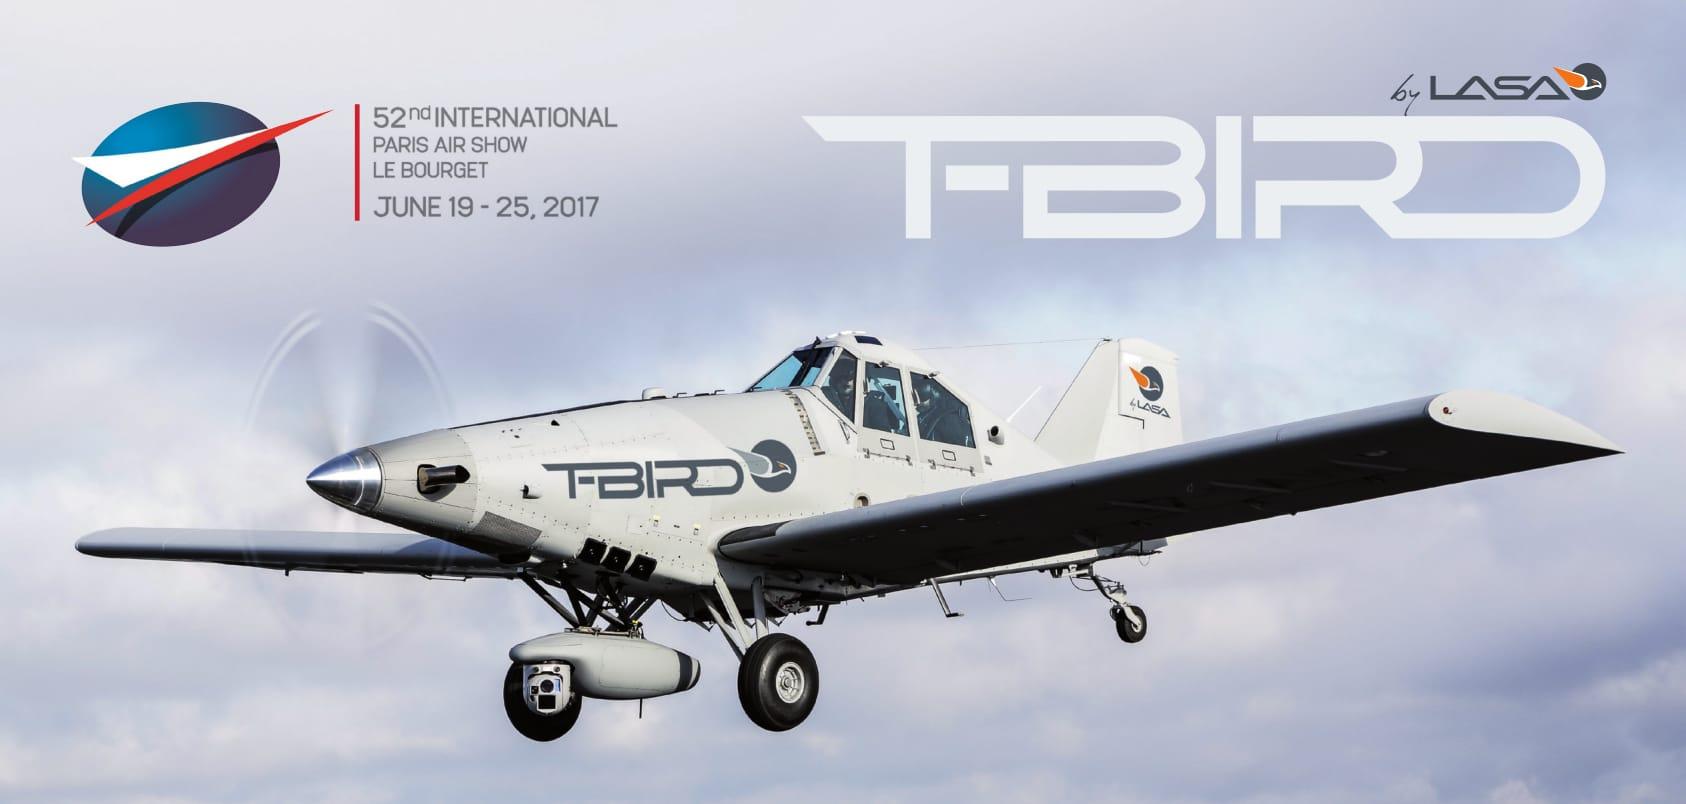 International Paris Air Show 2017